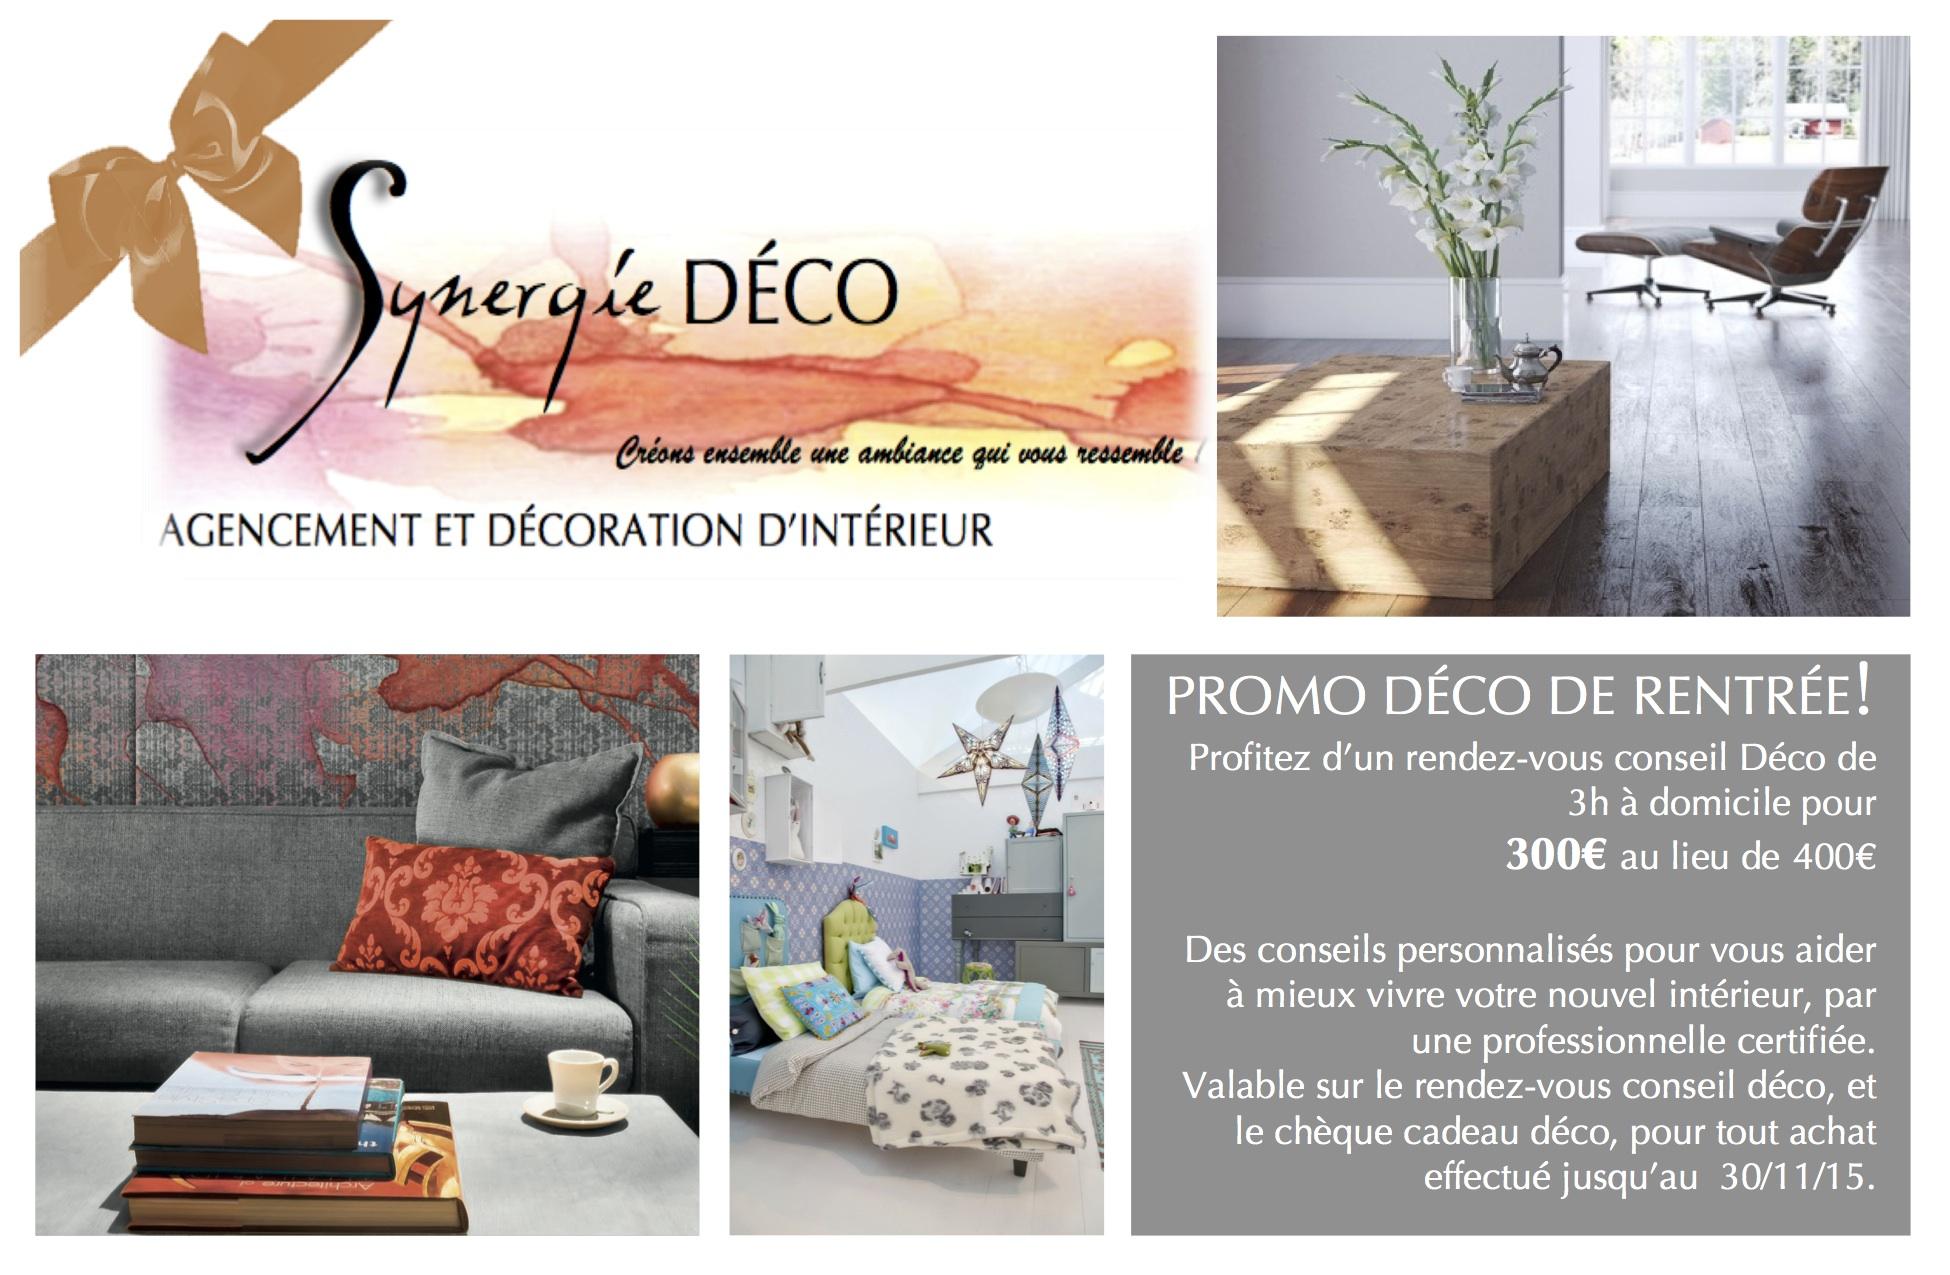 Promo de rentr e le rendez vous conseil d co 300 for Deco promo